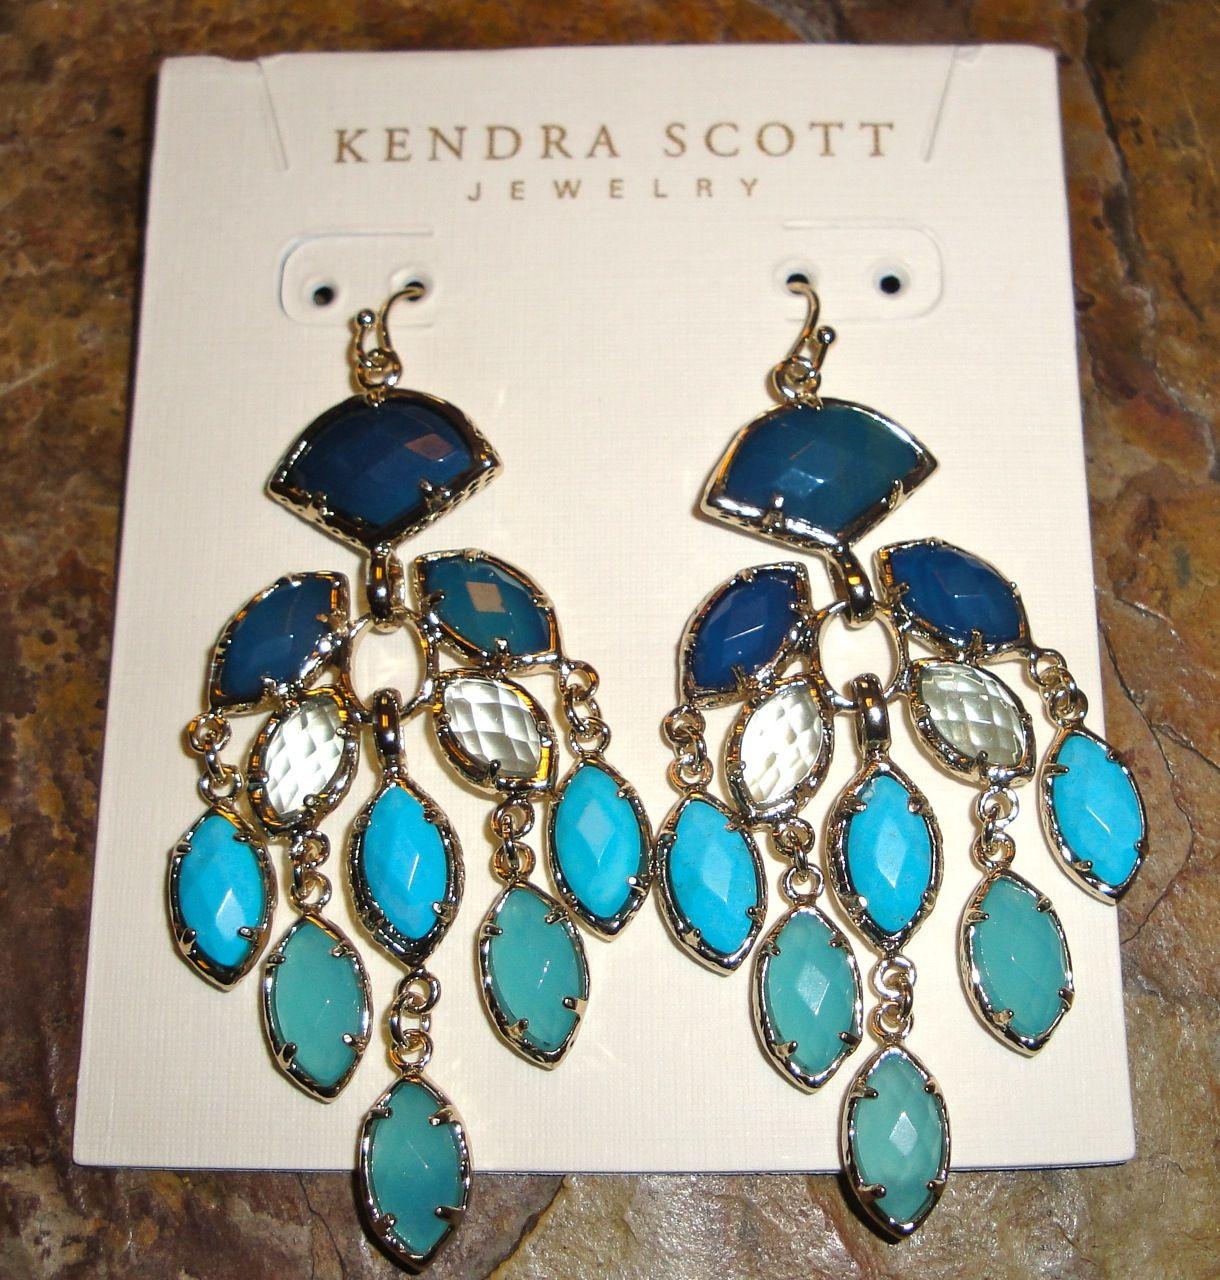 Kendra scott danielle earrings kendra scott gwen chandelier kendra scott danielle earrings kendra scott gwen chandelier earrings via bluefly arubaitofo Images